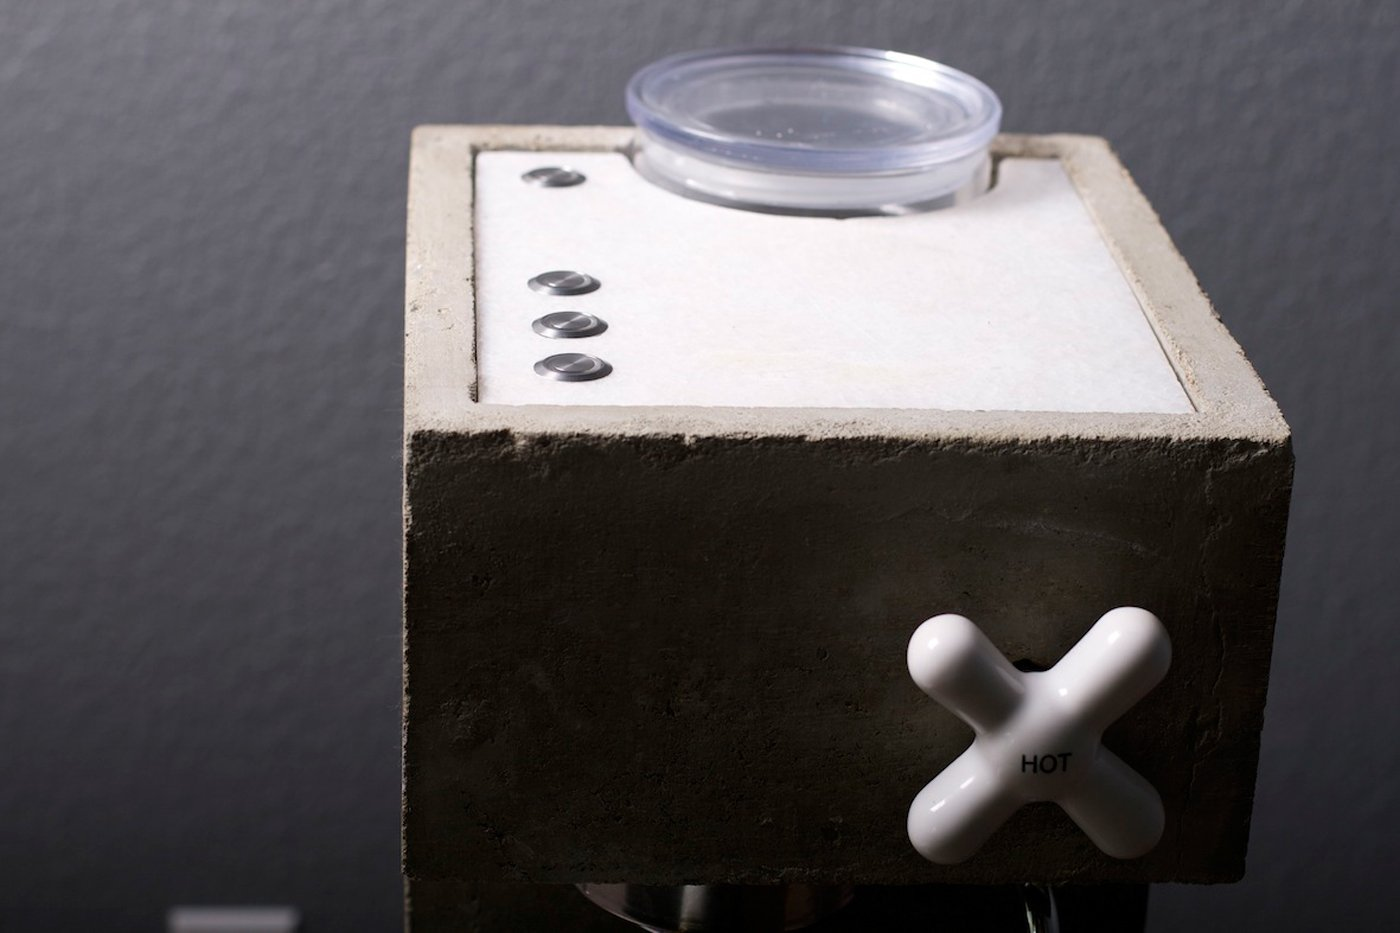 anza_concrete_espresso_machine_4